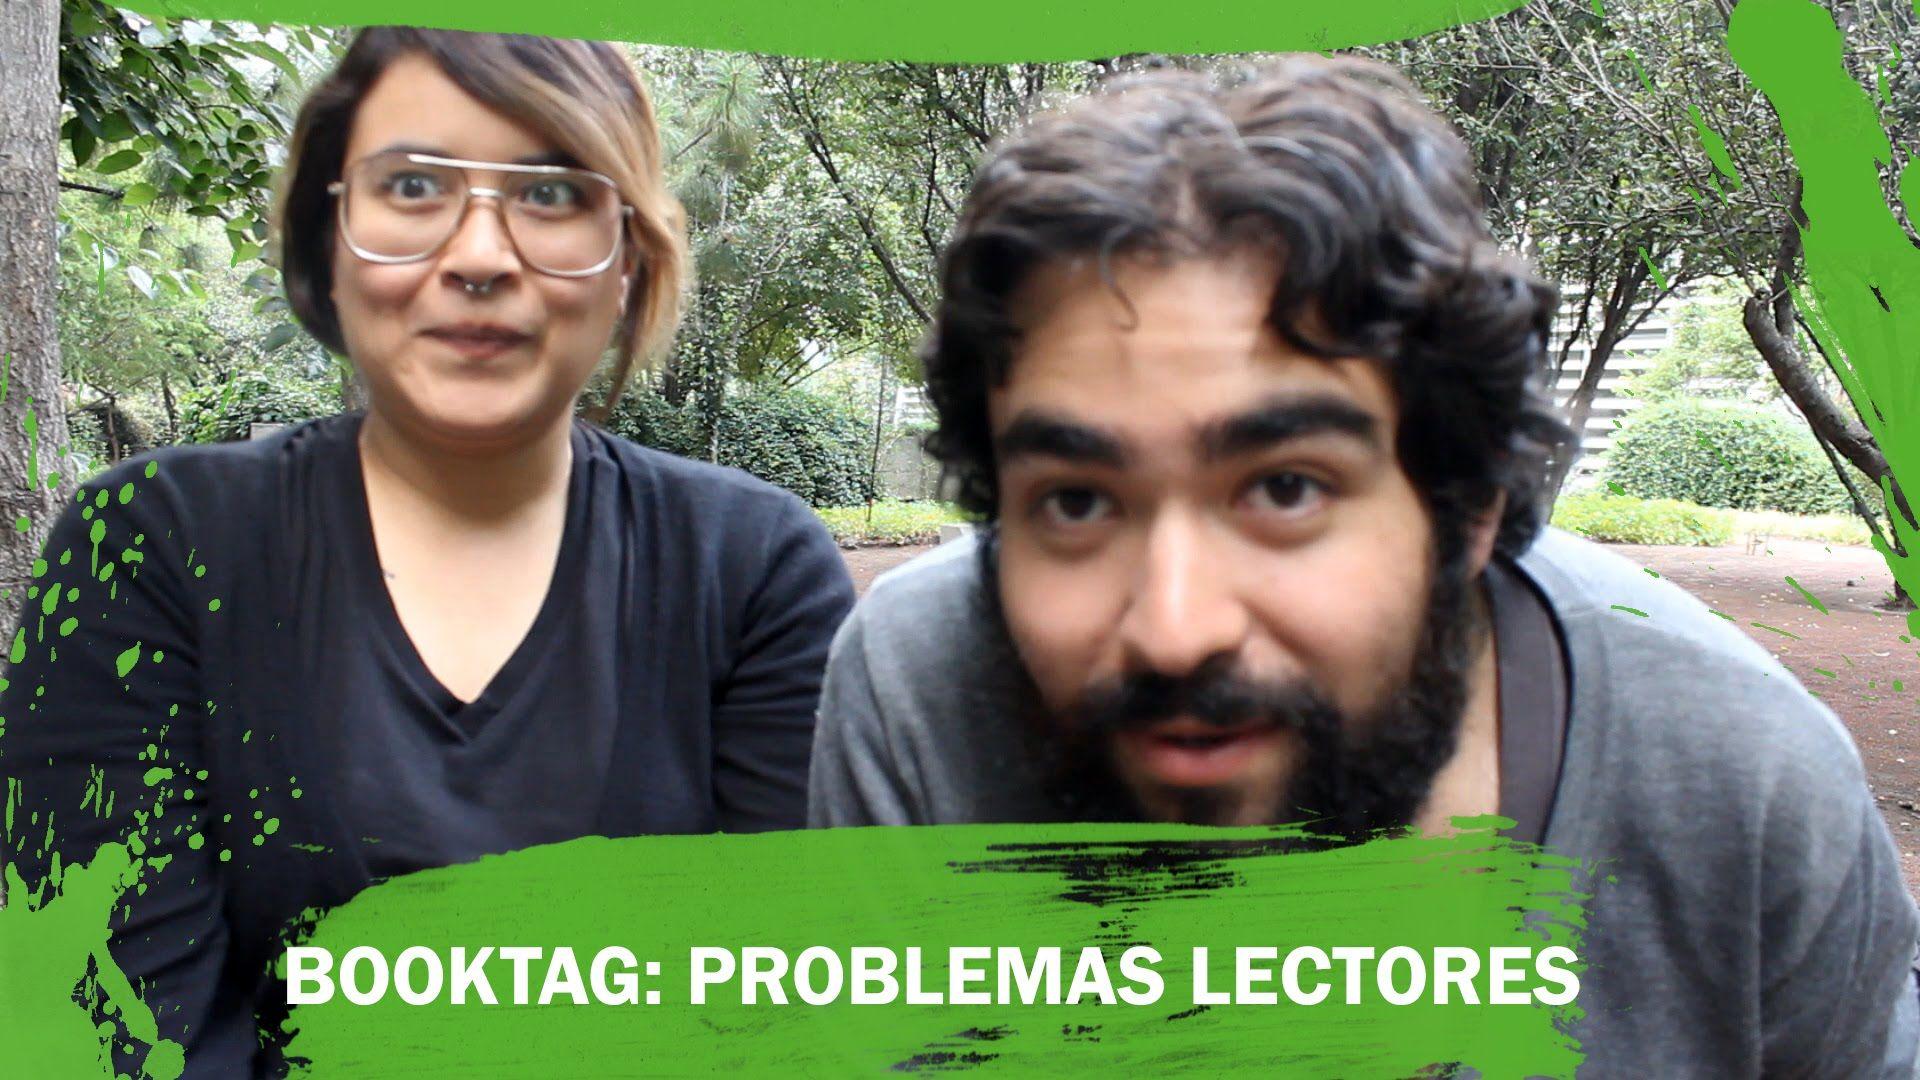 BOOKTAG   Problemas lectores ft David Martín de How I met books   trestr...